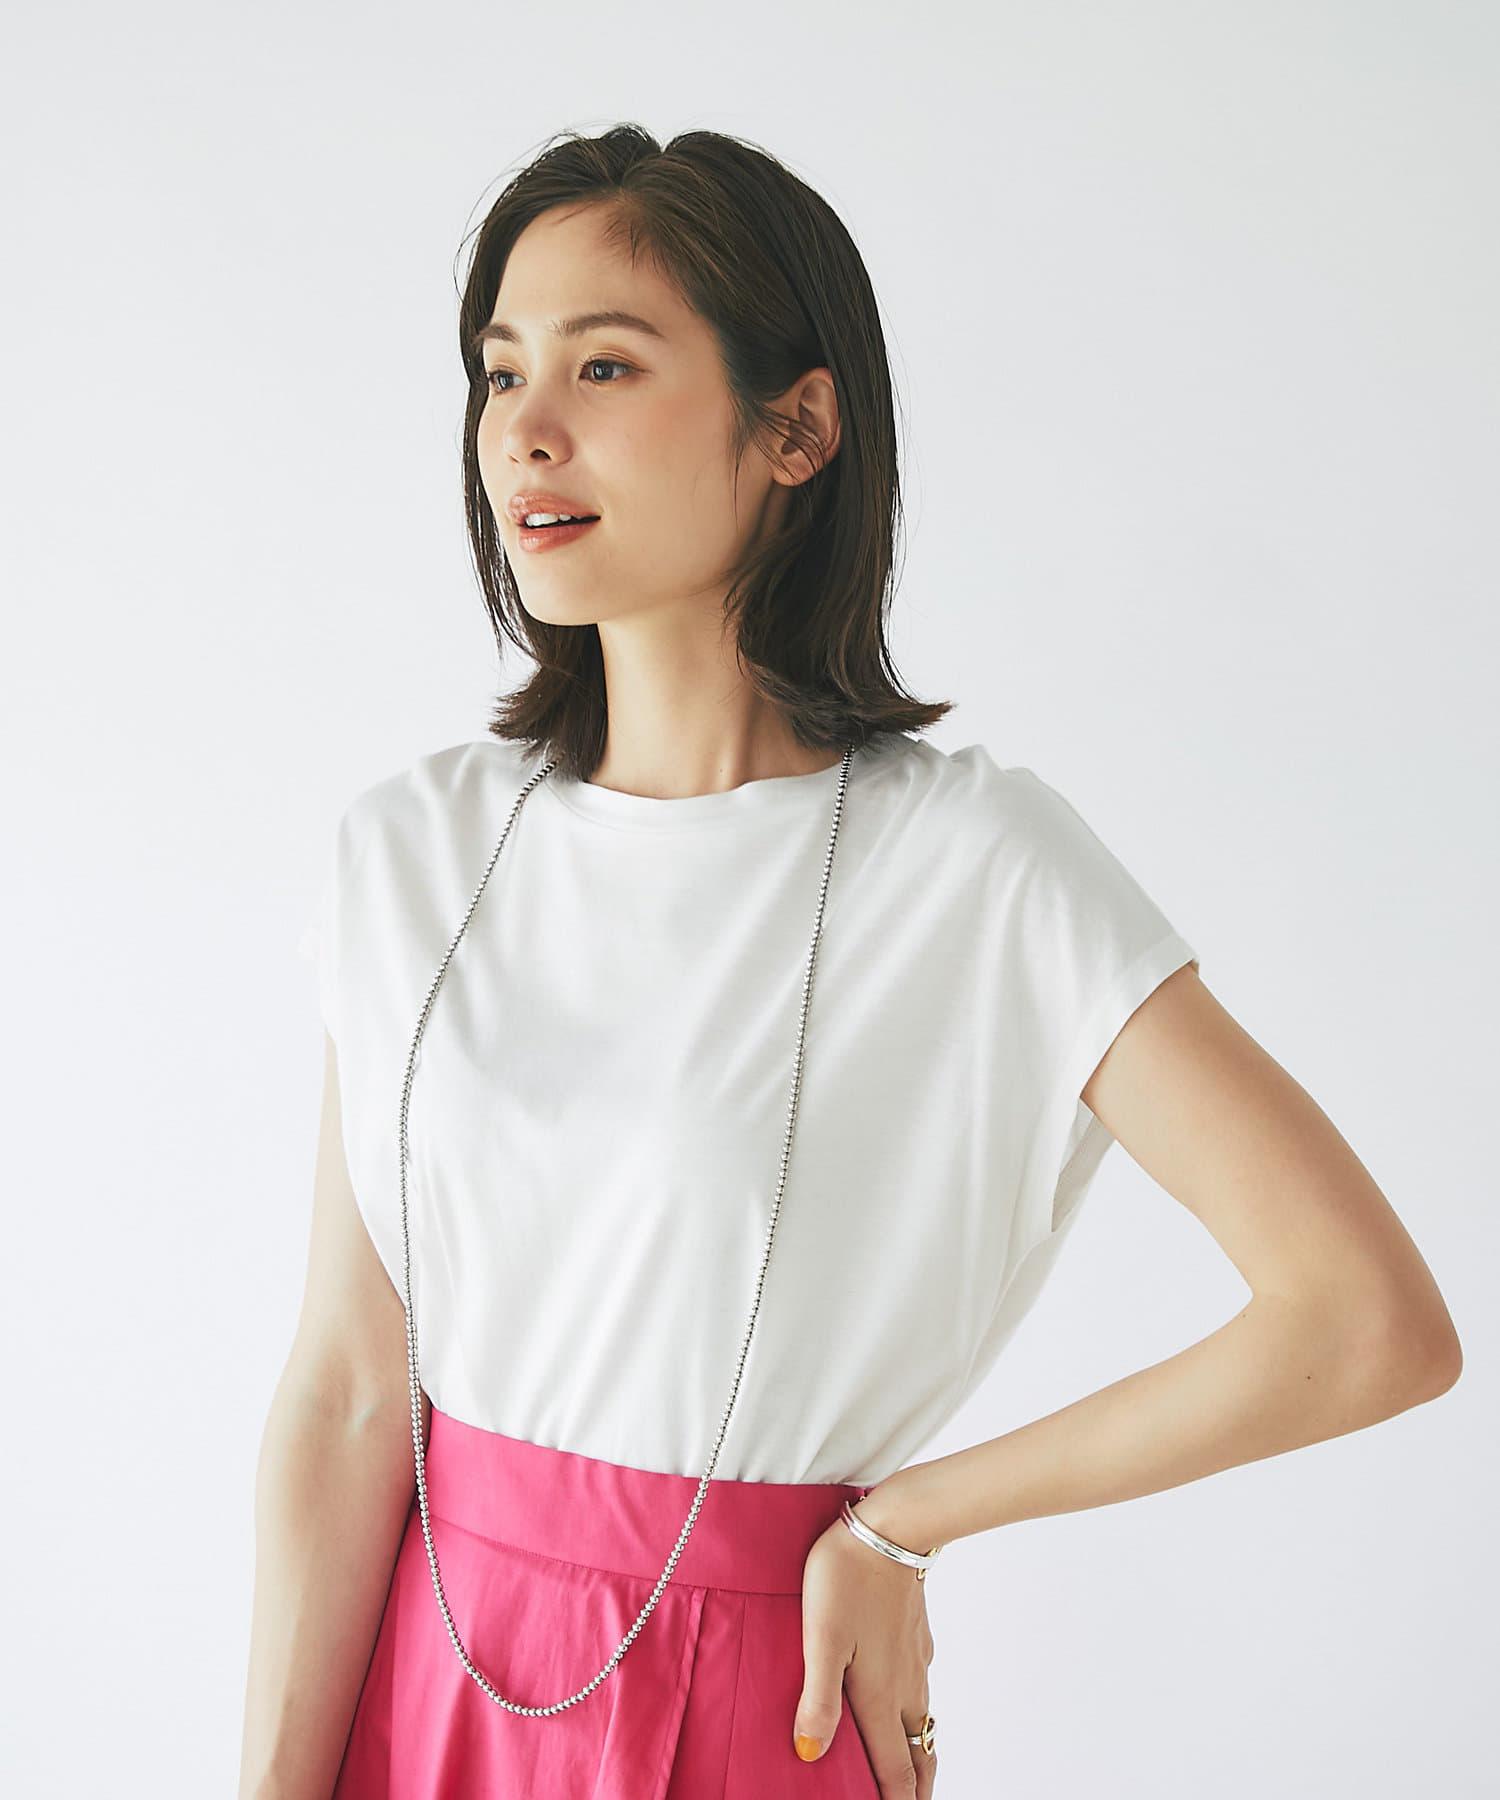 La boutique BonBon(ラブティックボンボン) 【手洗い可】リヨセル混フレンチTシャツ